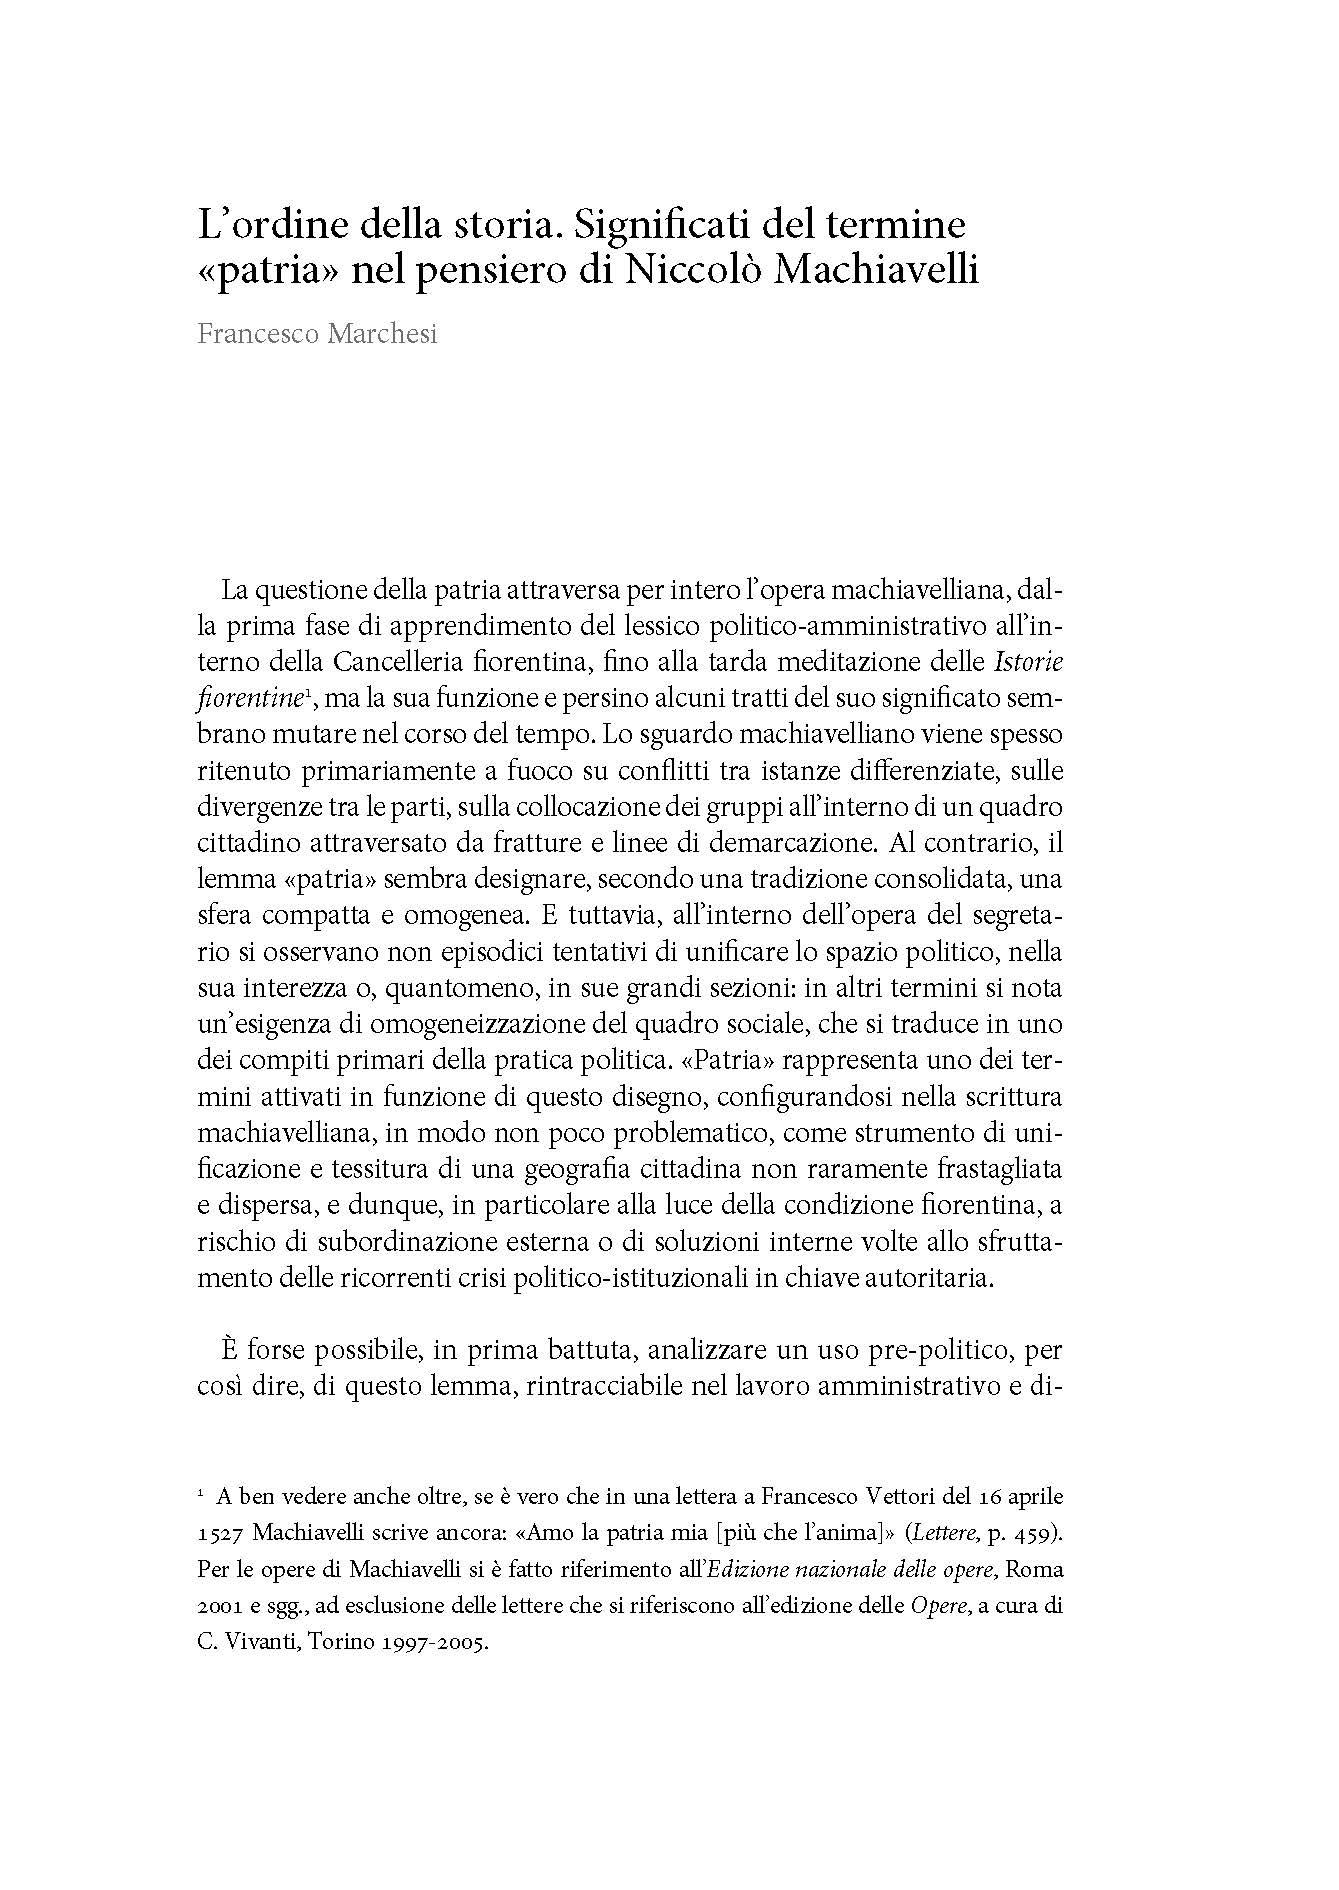 """L'ordine della storia. Significati del termine """"patria"""" nel pensiero di Niccolò Machiavelli"""